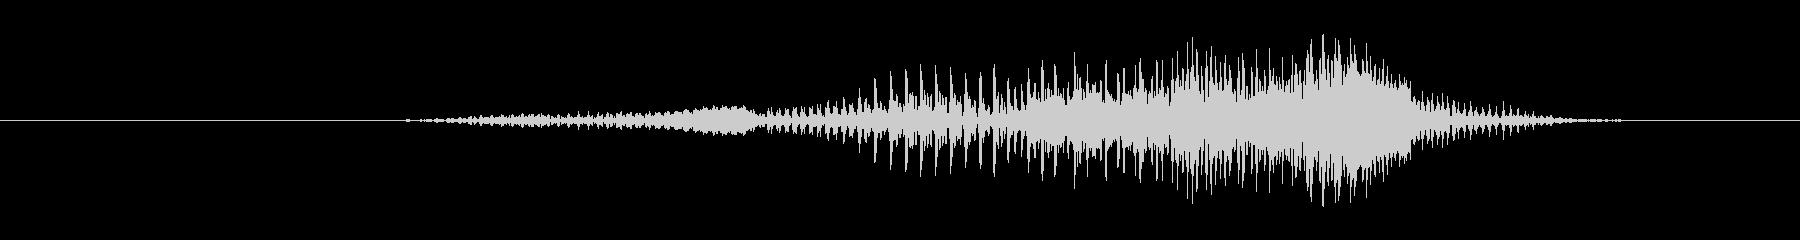 鳴き声 女性の戦い攻撃シャウト02の未再生の波形